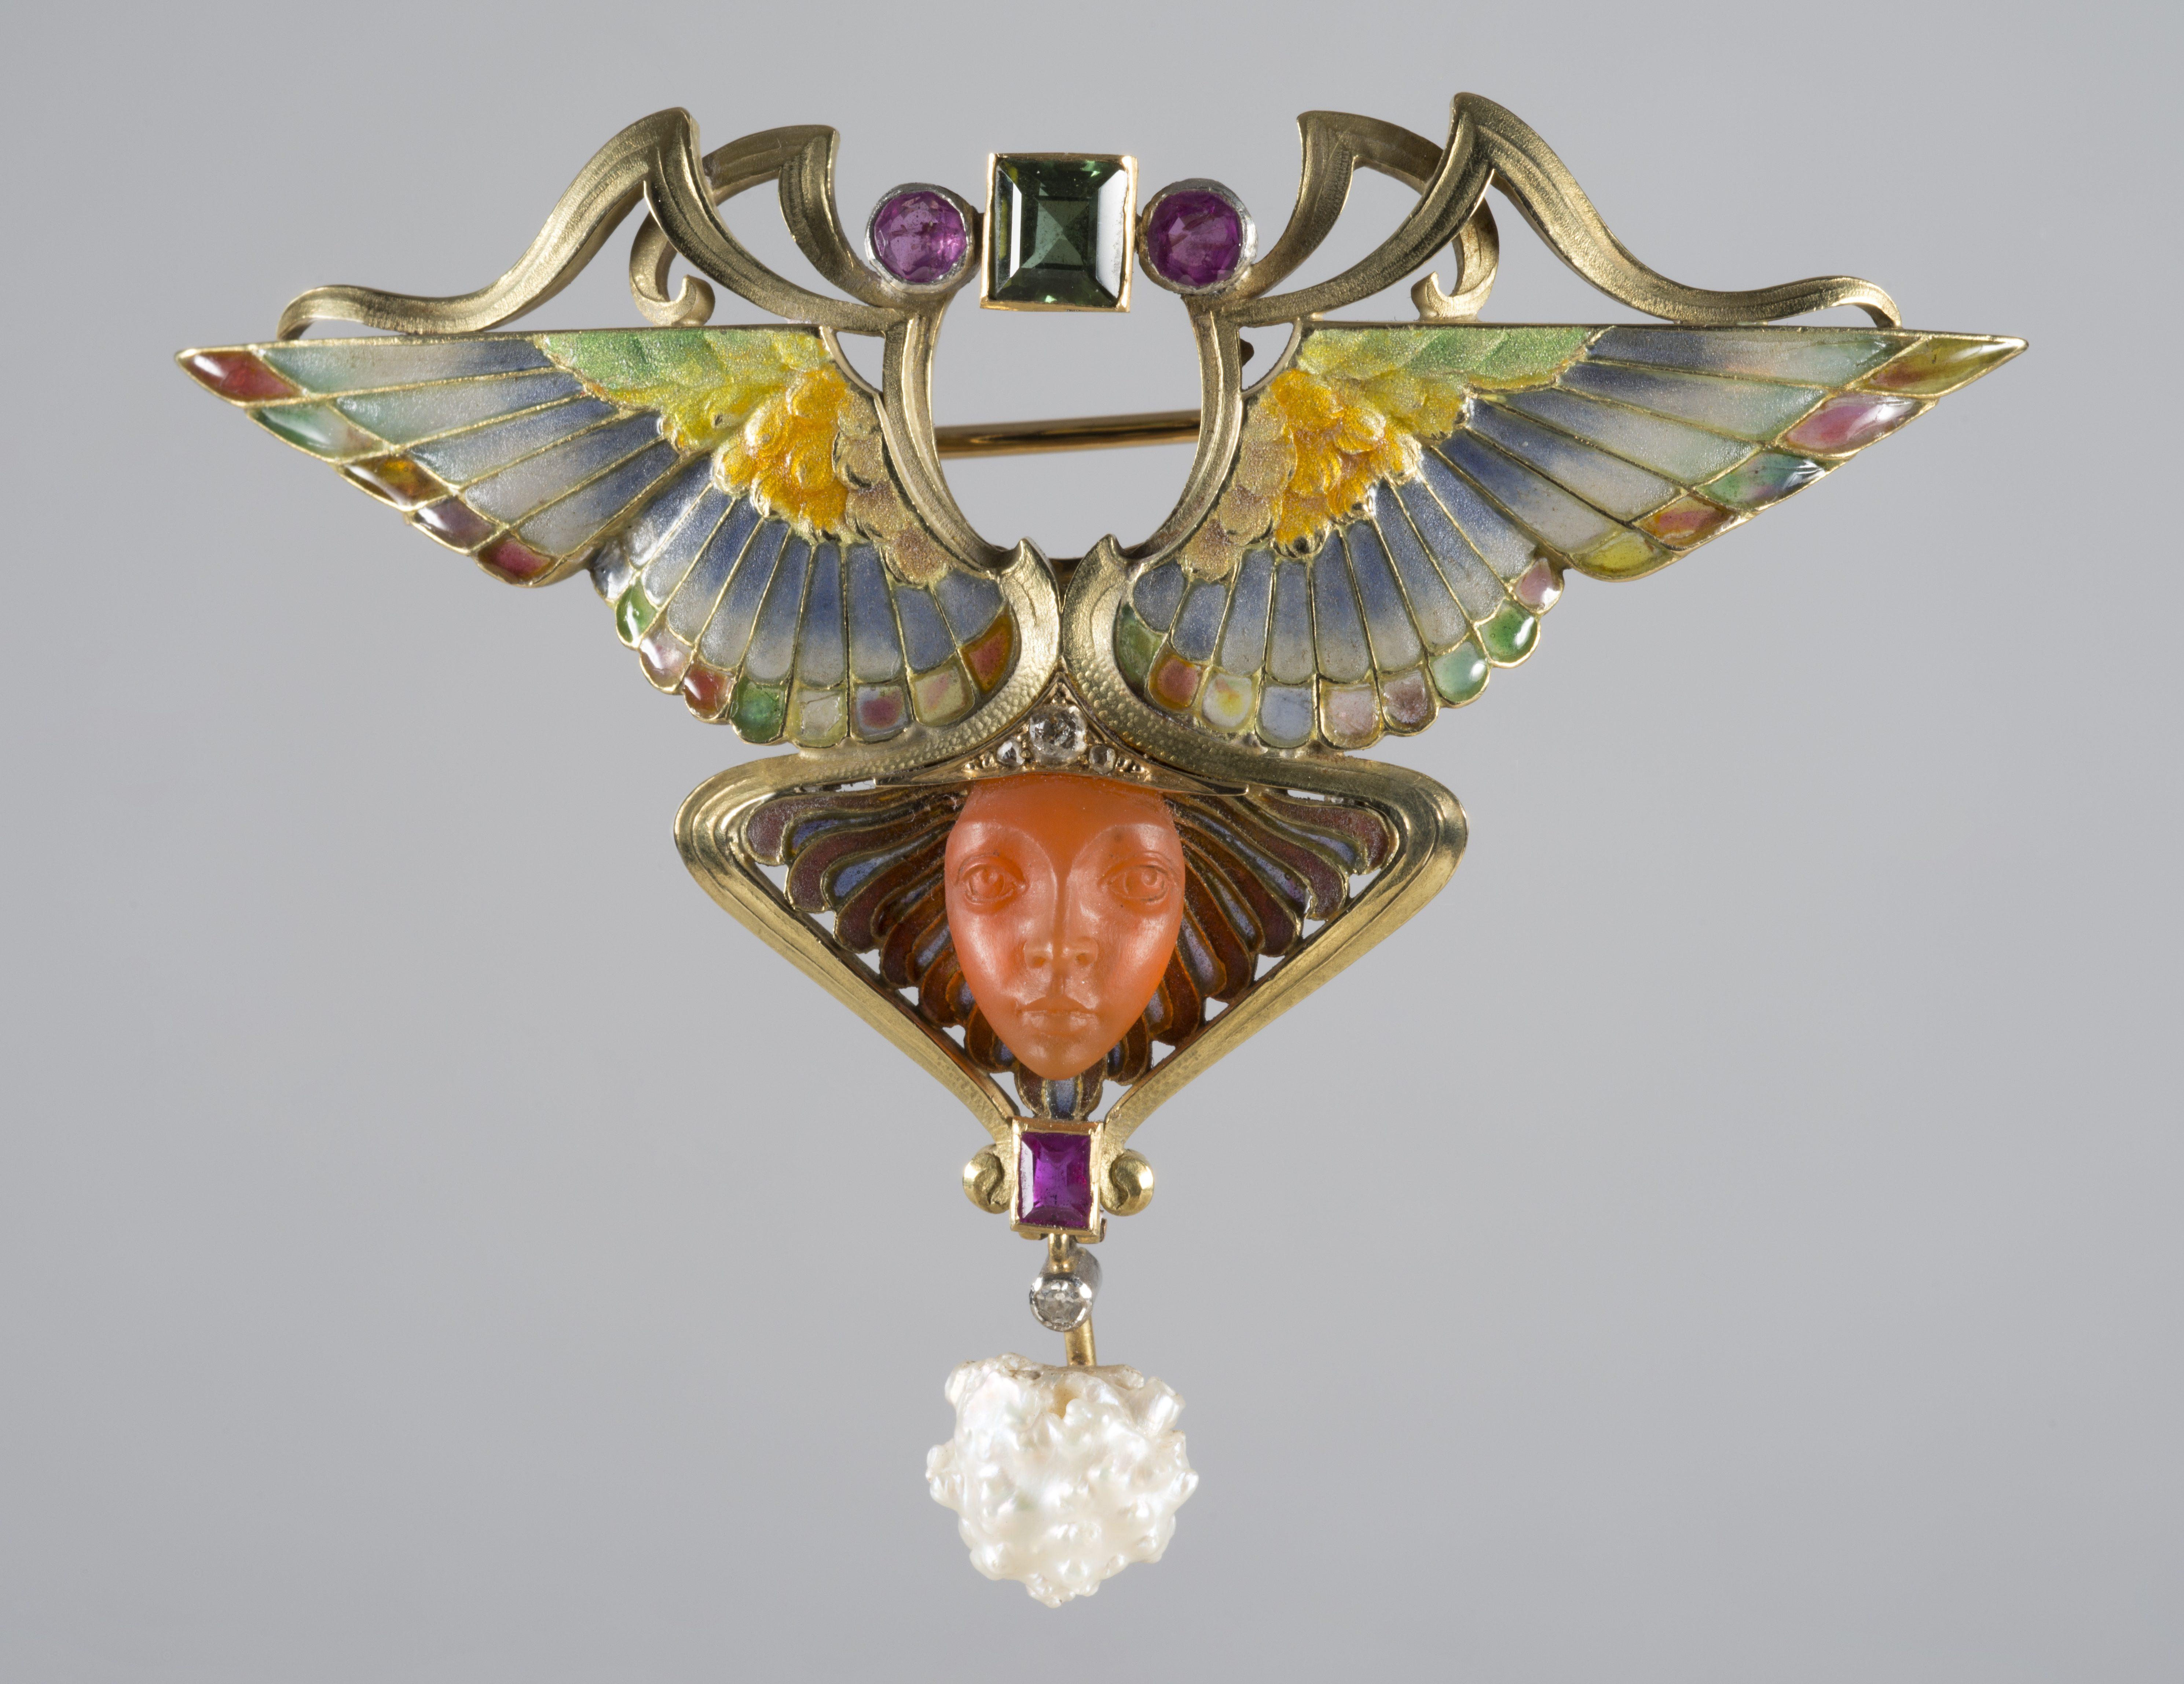 Philippe Wolfers, Nikè, broche/hanger, 1902. Collectie Koning Boudewijnstichting, foto Jubelparkmuseum, metaal, stenen, email, parel